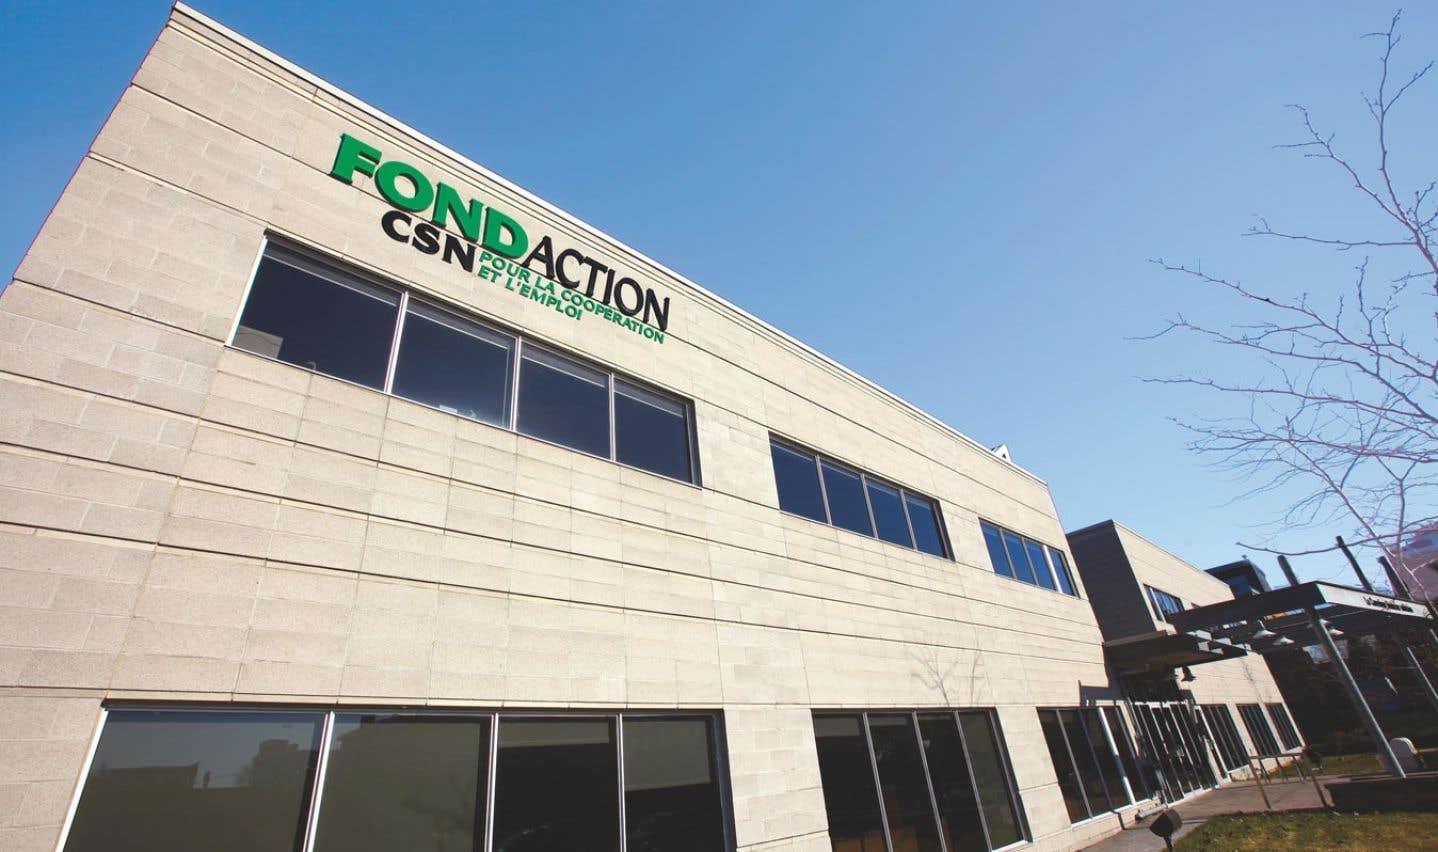 Depuis près de vingt ans, Fondaction sollicite l'épargne des travailleurs pour l'investir dans la création d'emplois.